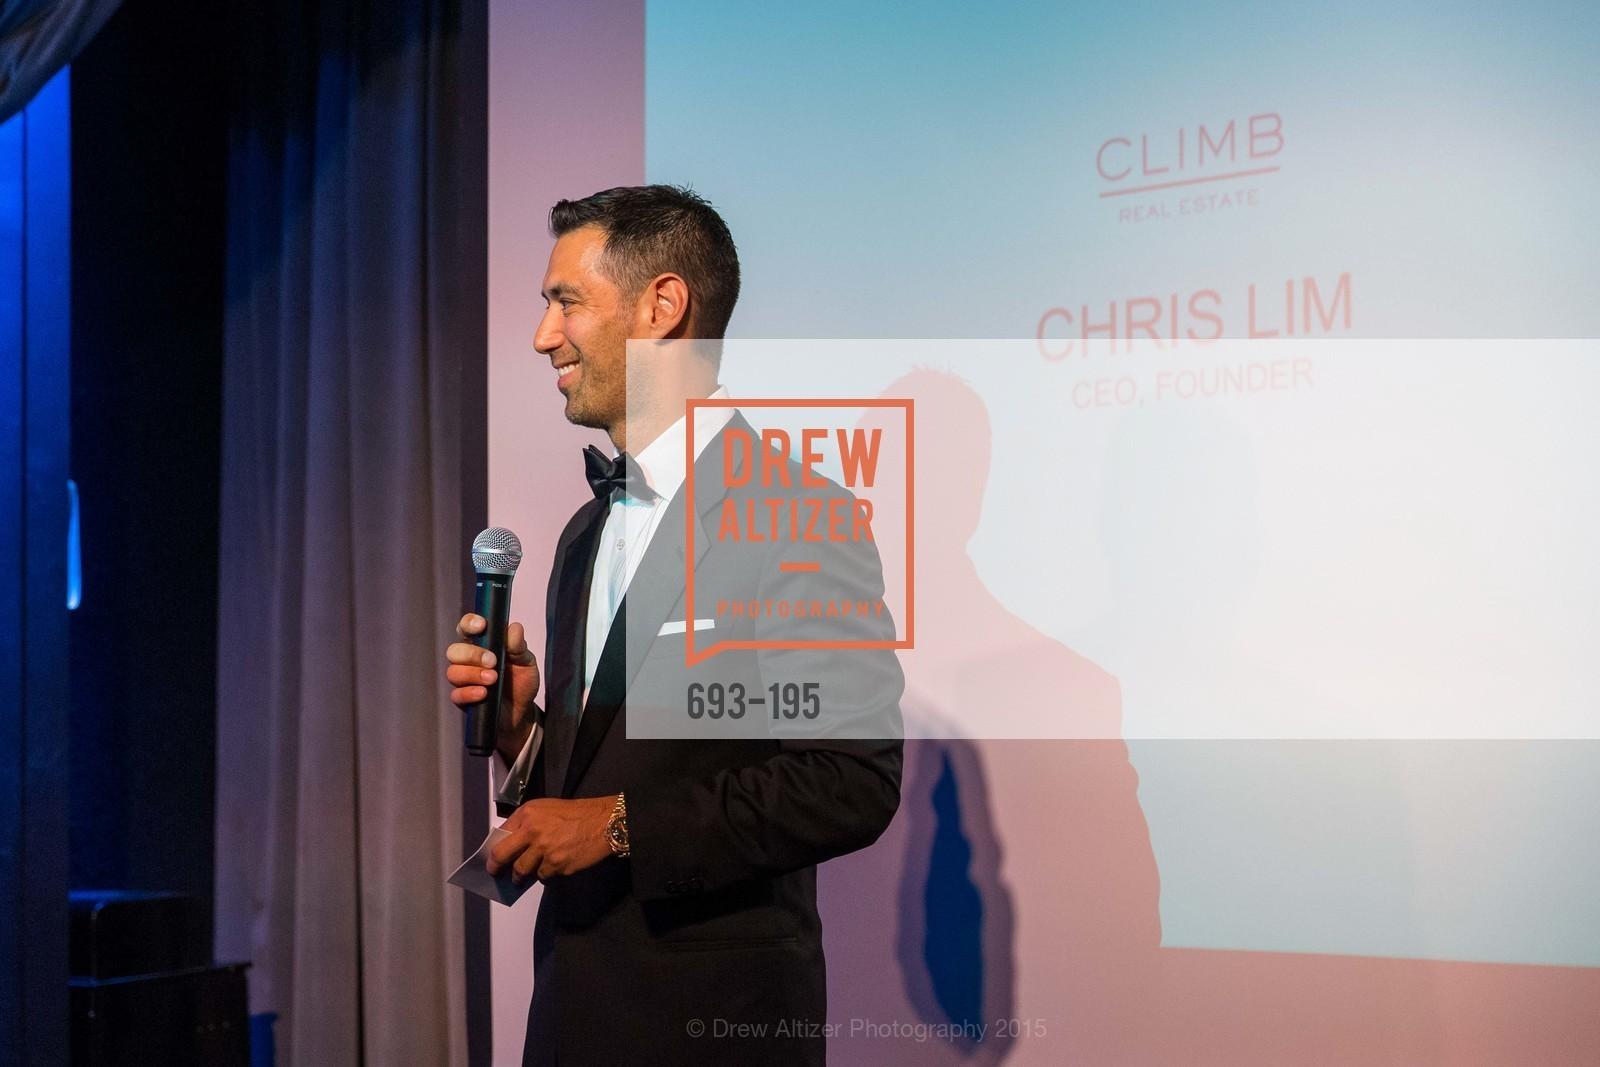 Chris Lim, Photo #693-195